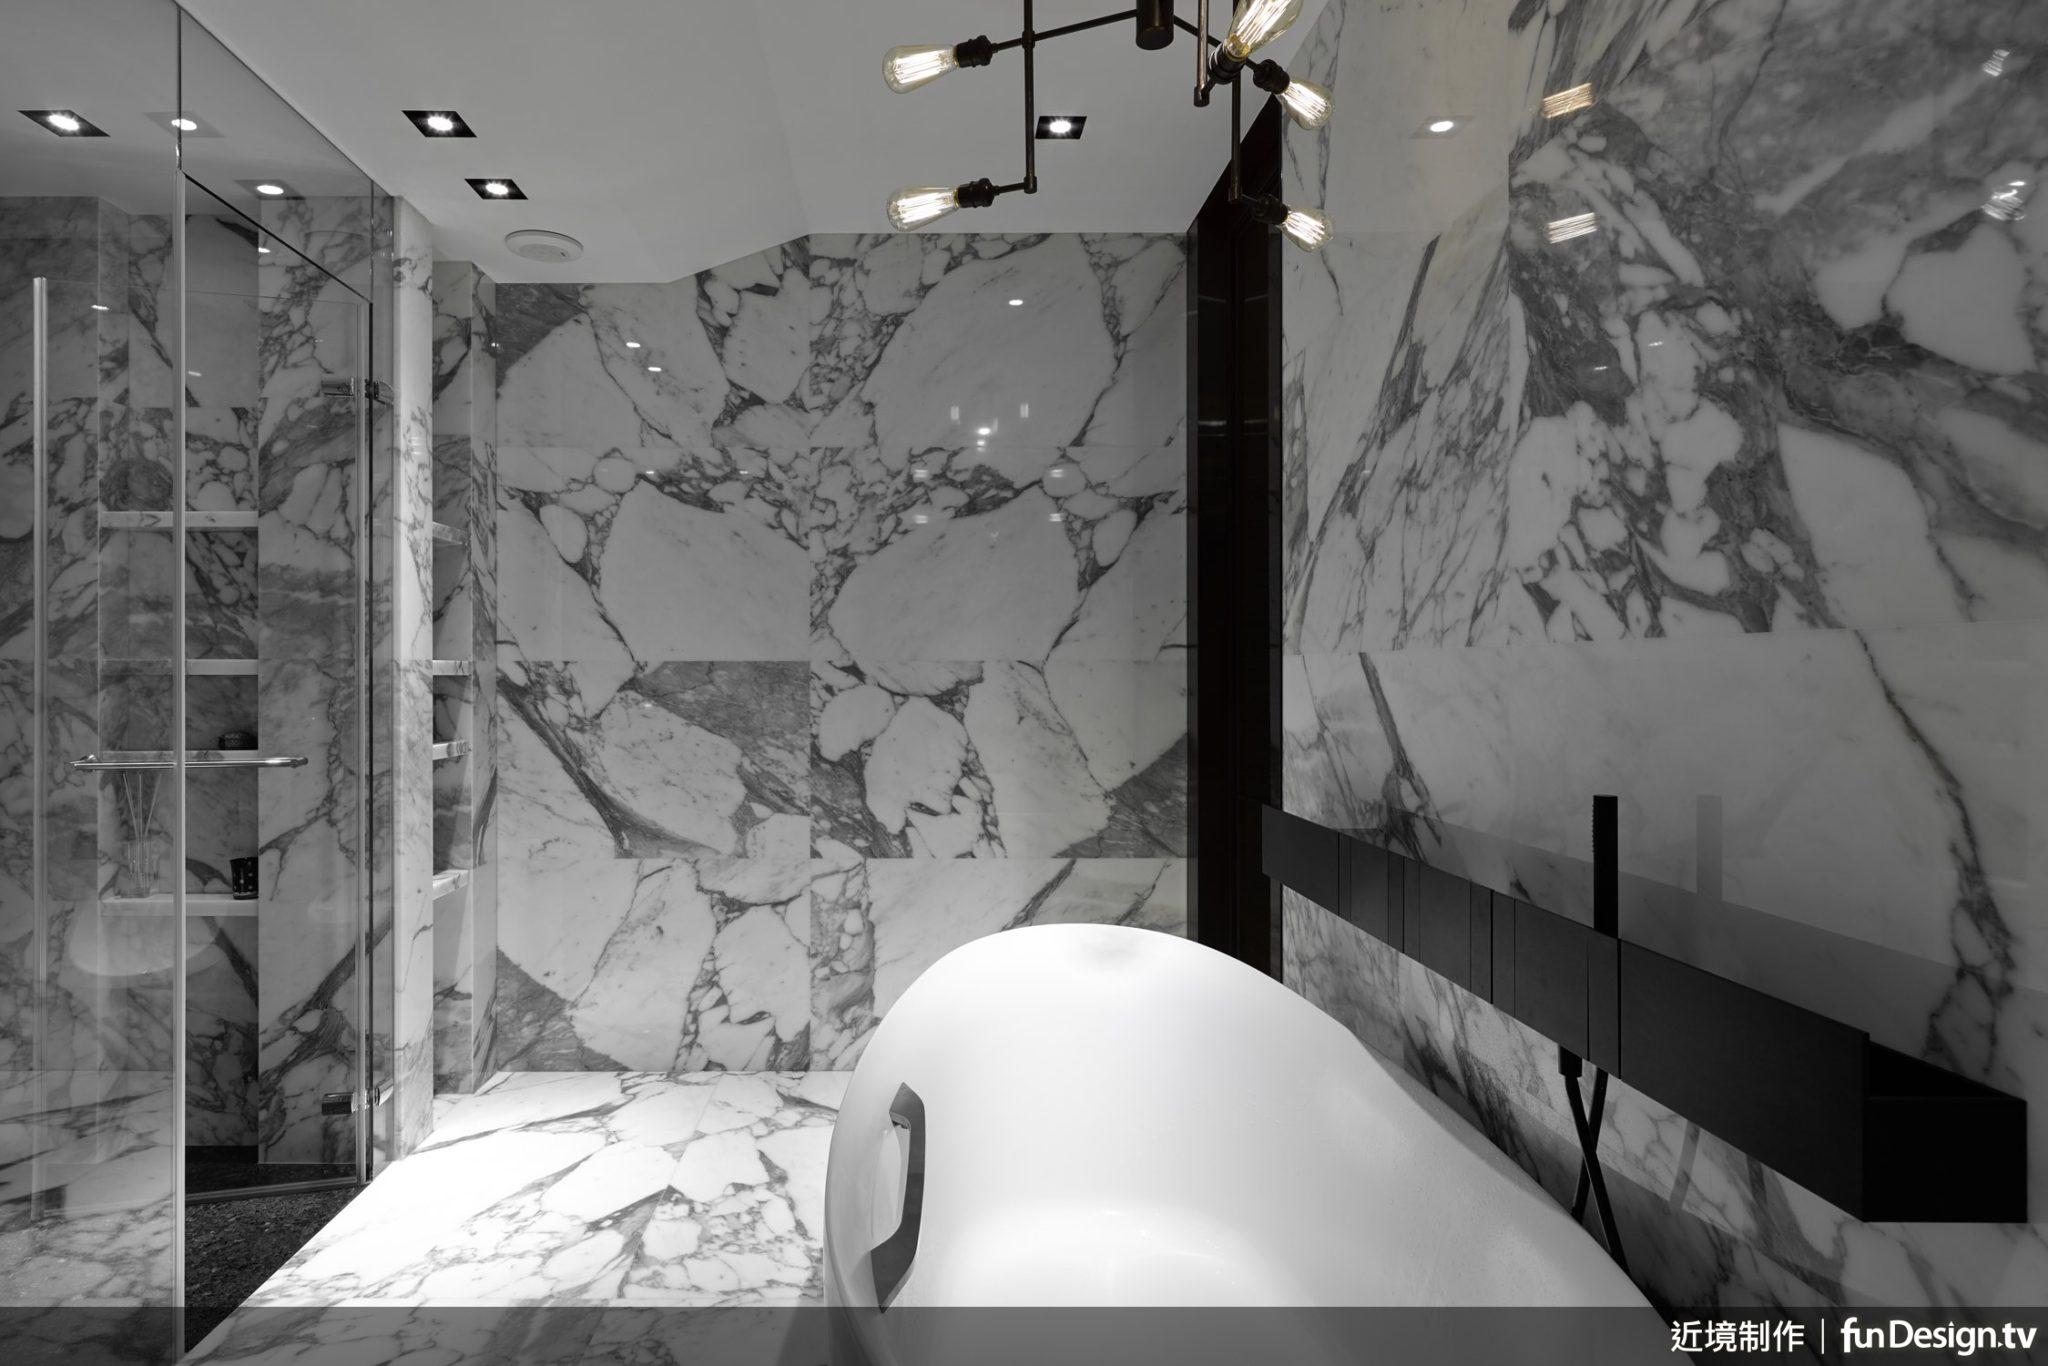 唐忠漢總監認為,充分掌握每塊石材的紋路、結構、硬度等特質,才能發揮素材的最大效果。